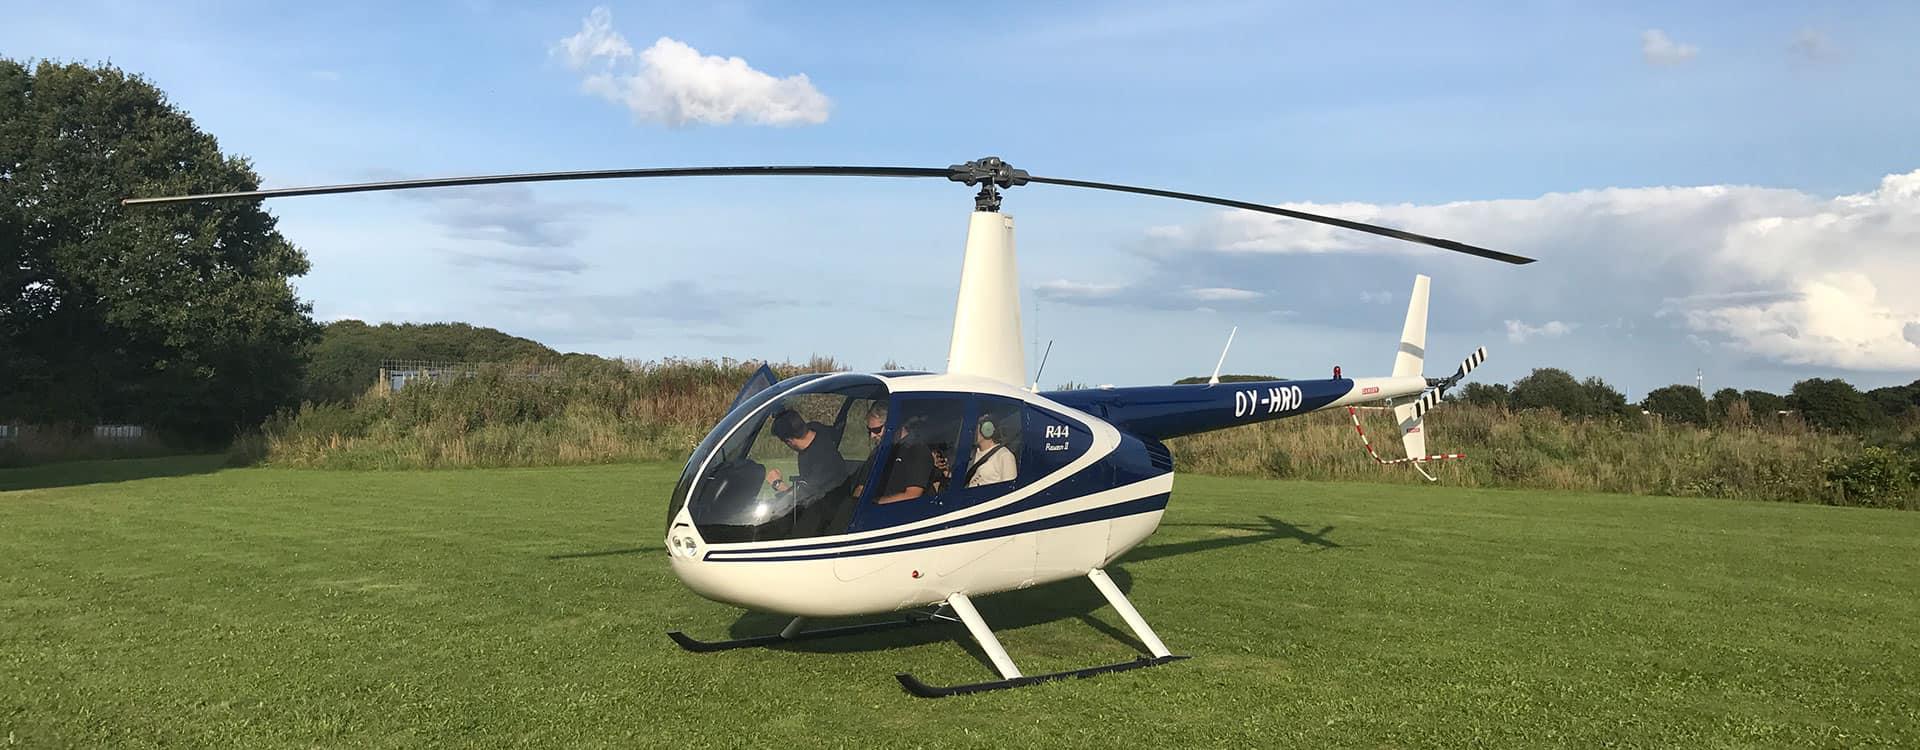 Halikopter_1920x750